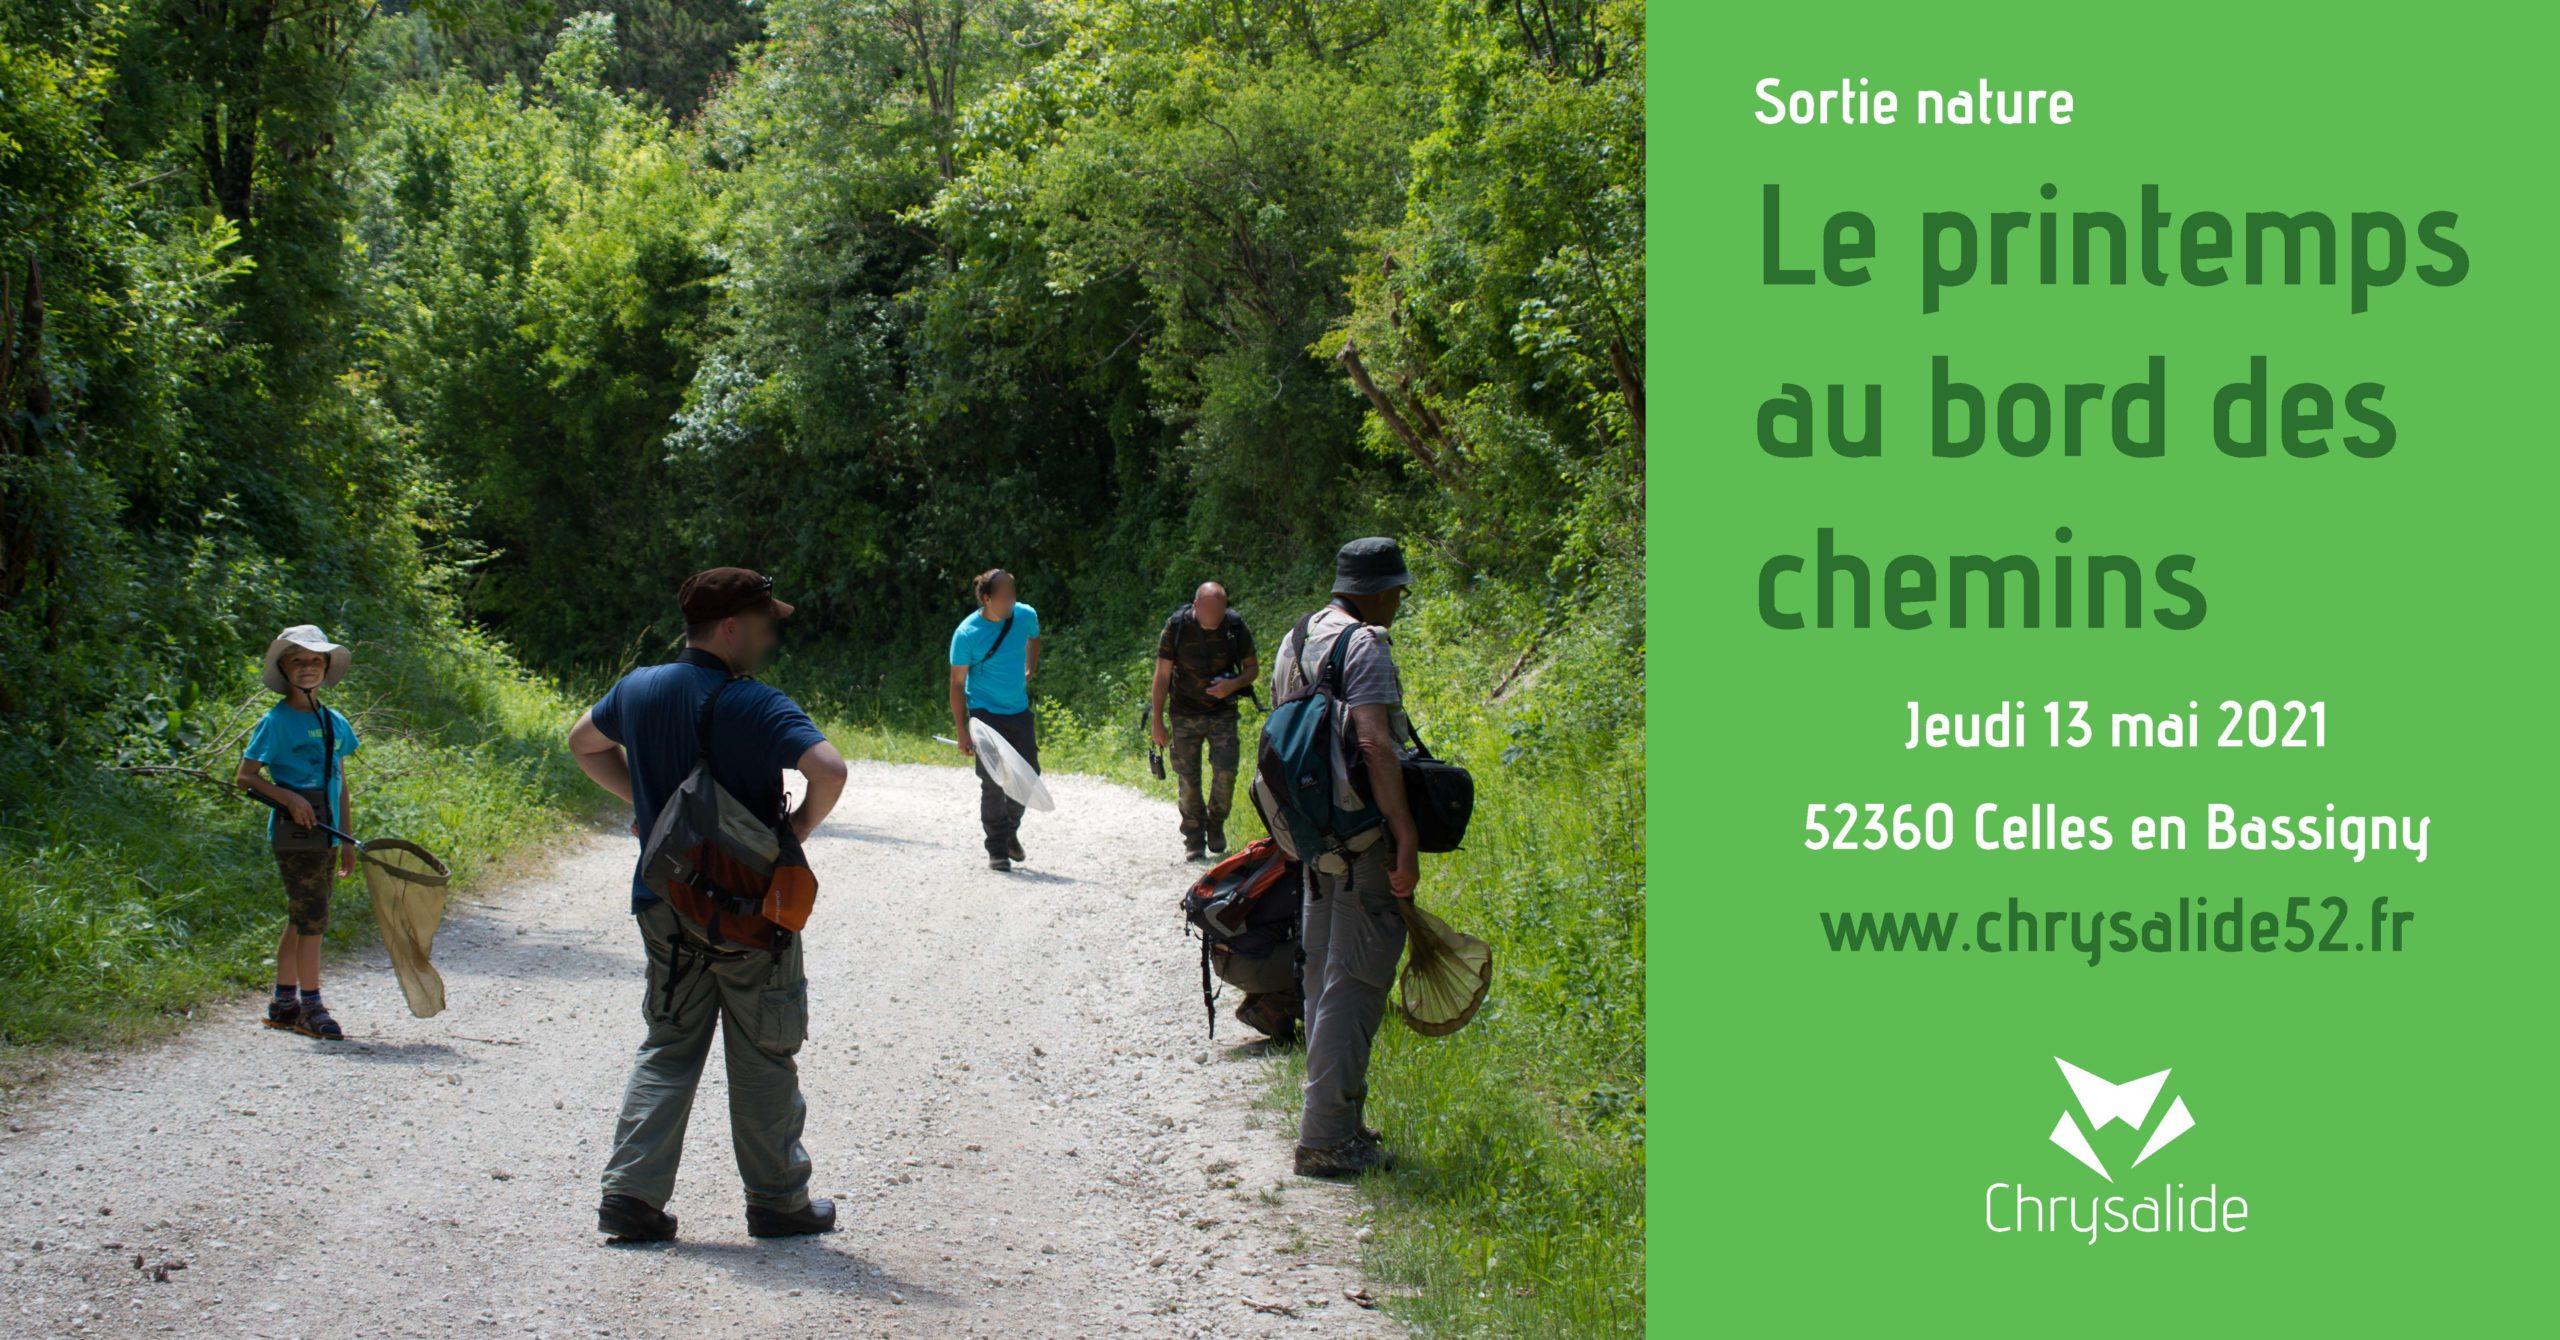 Sortie nature - Le printemps au bord des chemins- Chrysalide52 - Michael Geber - Haute-Marne